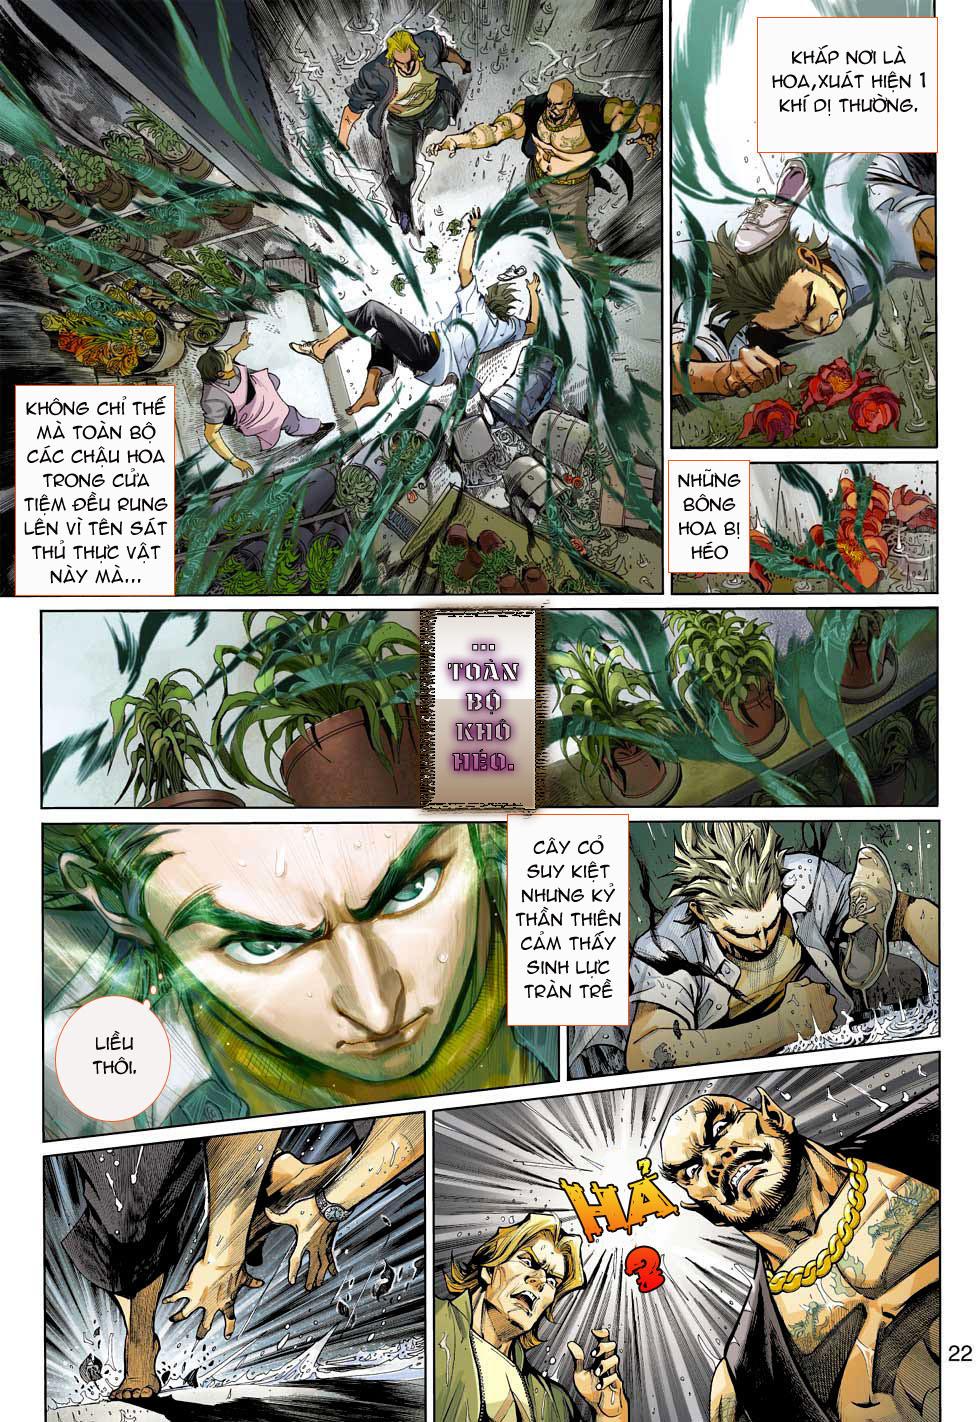 Thần Binh 4 chap 3 - Trang 22